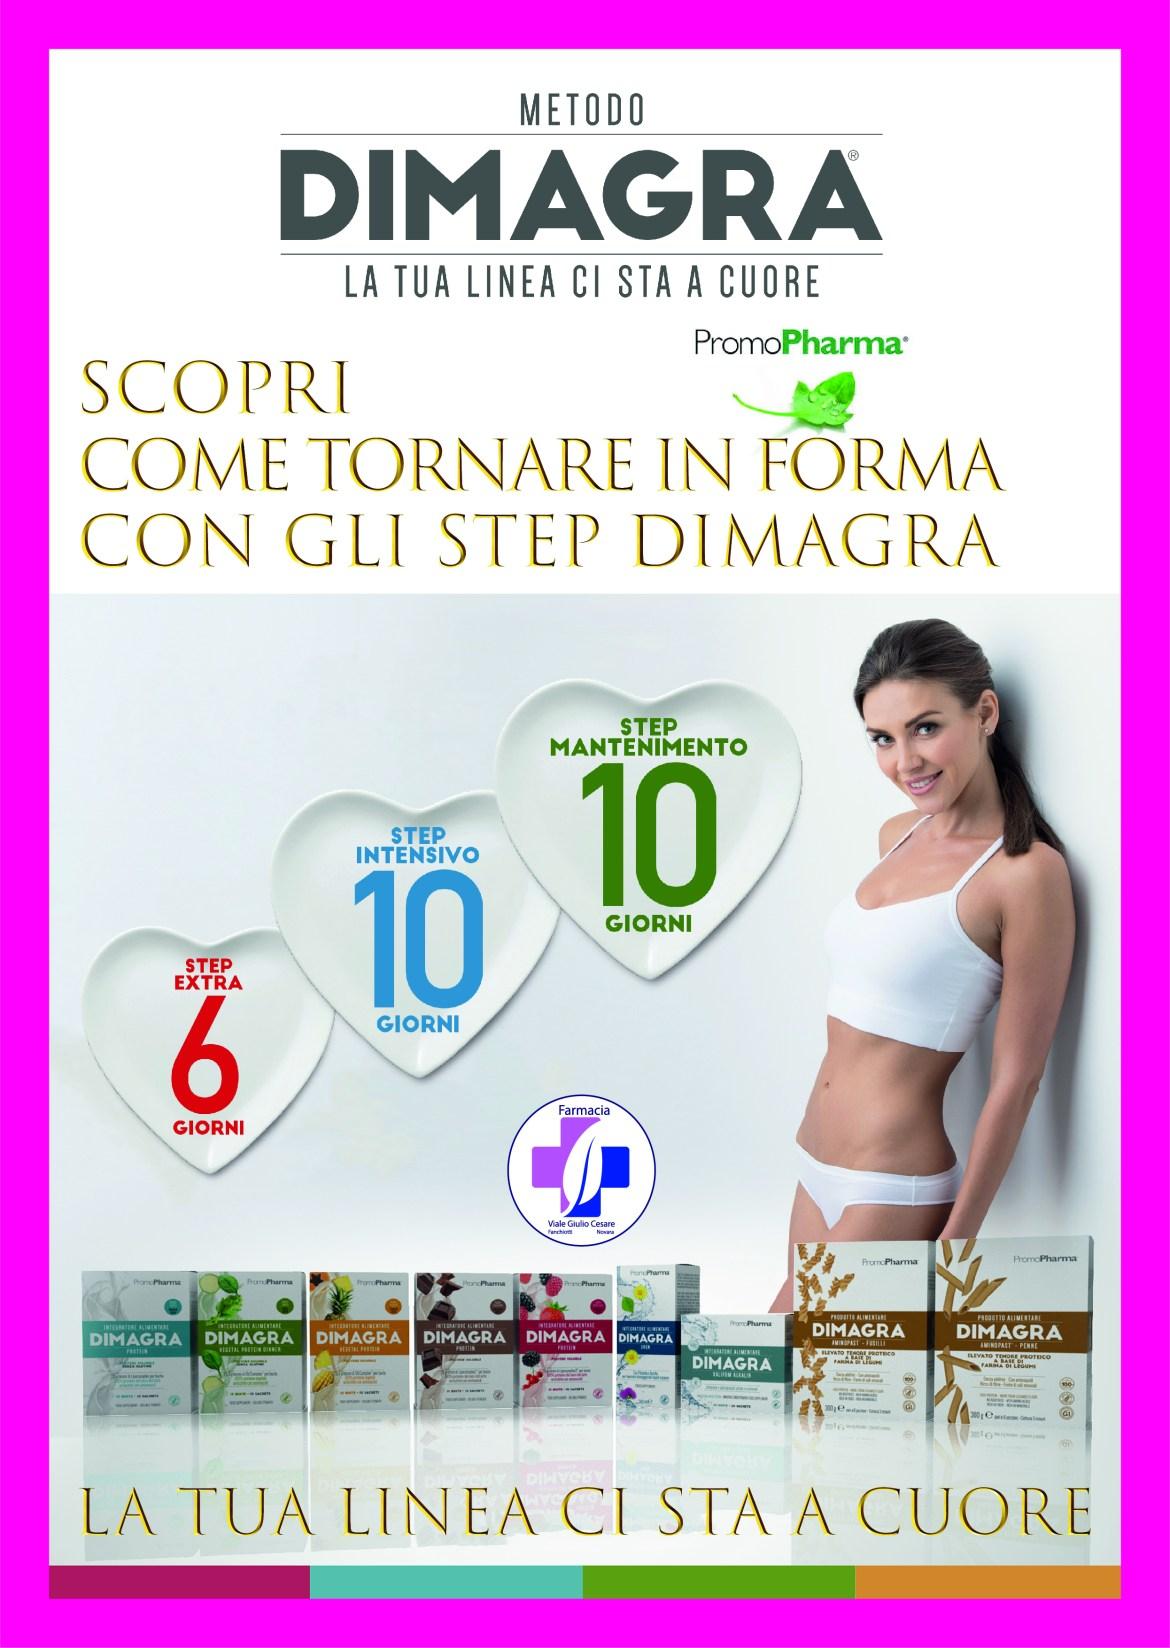 Metodo DIMAGRA Promopharma per dimagrire perdere peso mantenendo la tonicità muscolare